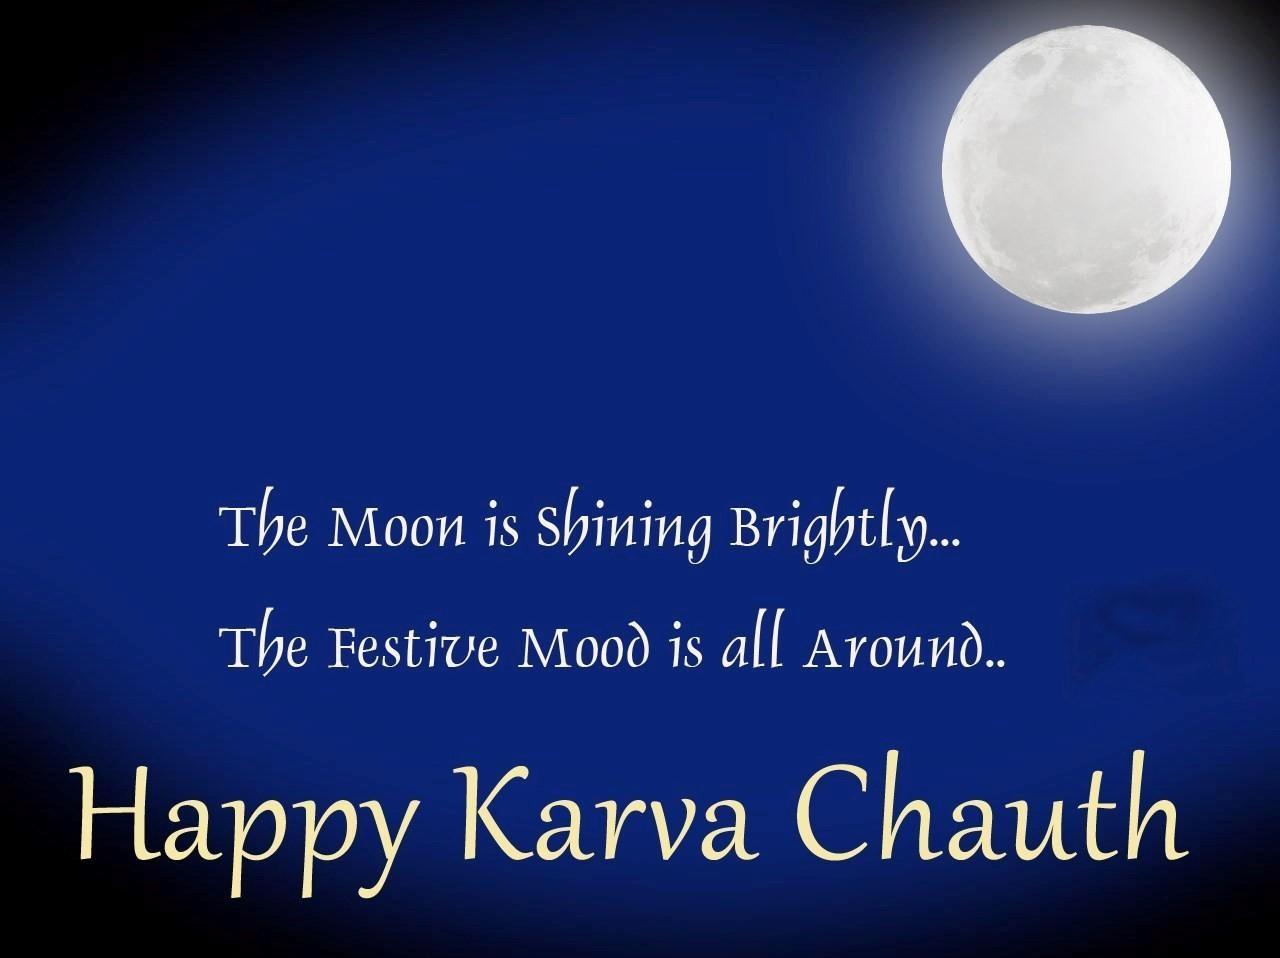 karwa chauth photo gallery